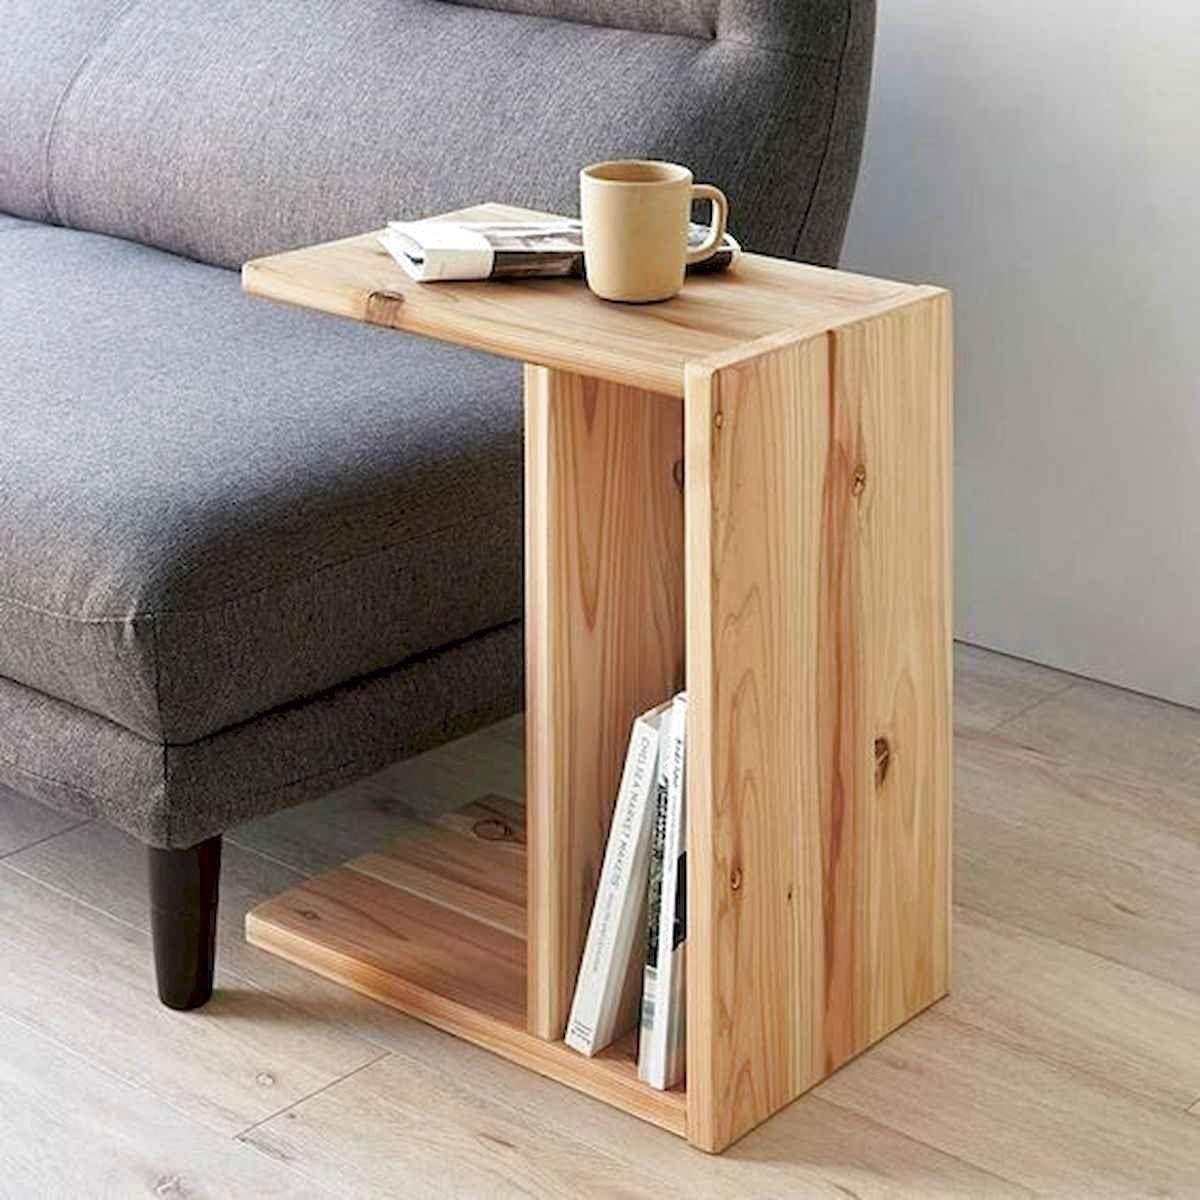 8 Lieblings-Diy-Projekte Möbel Wohnzimmer Tisch Design-Ideen